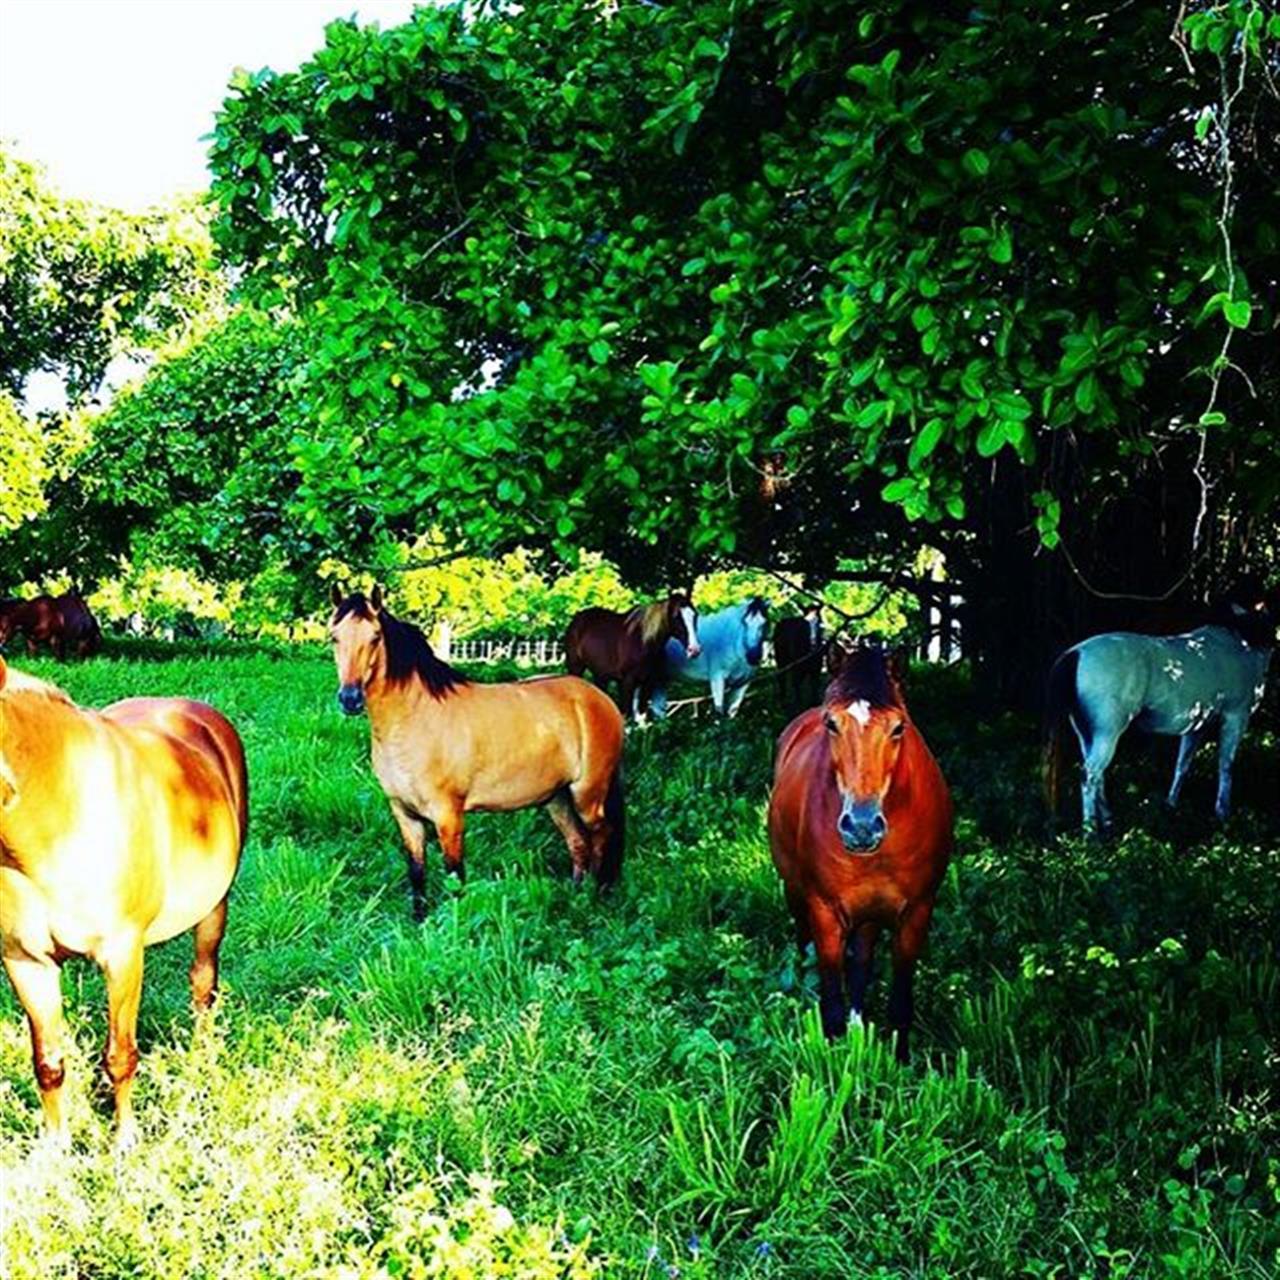 Happy Horse Family ????? #dominicanrepublic #happy-horses #horsefield #Northcoast #leadingrelocal #horsebackriding